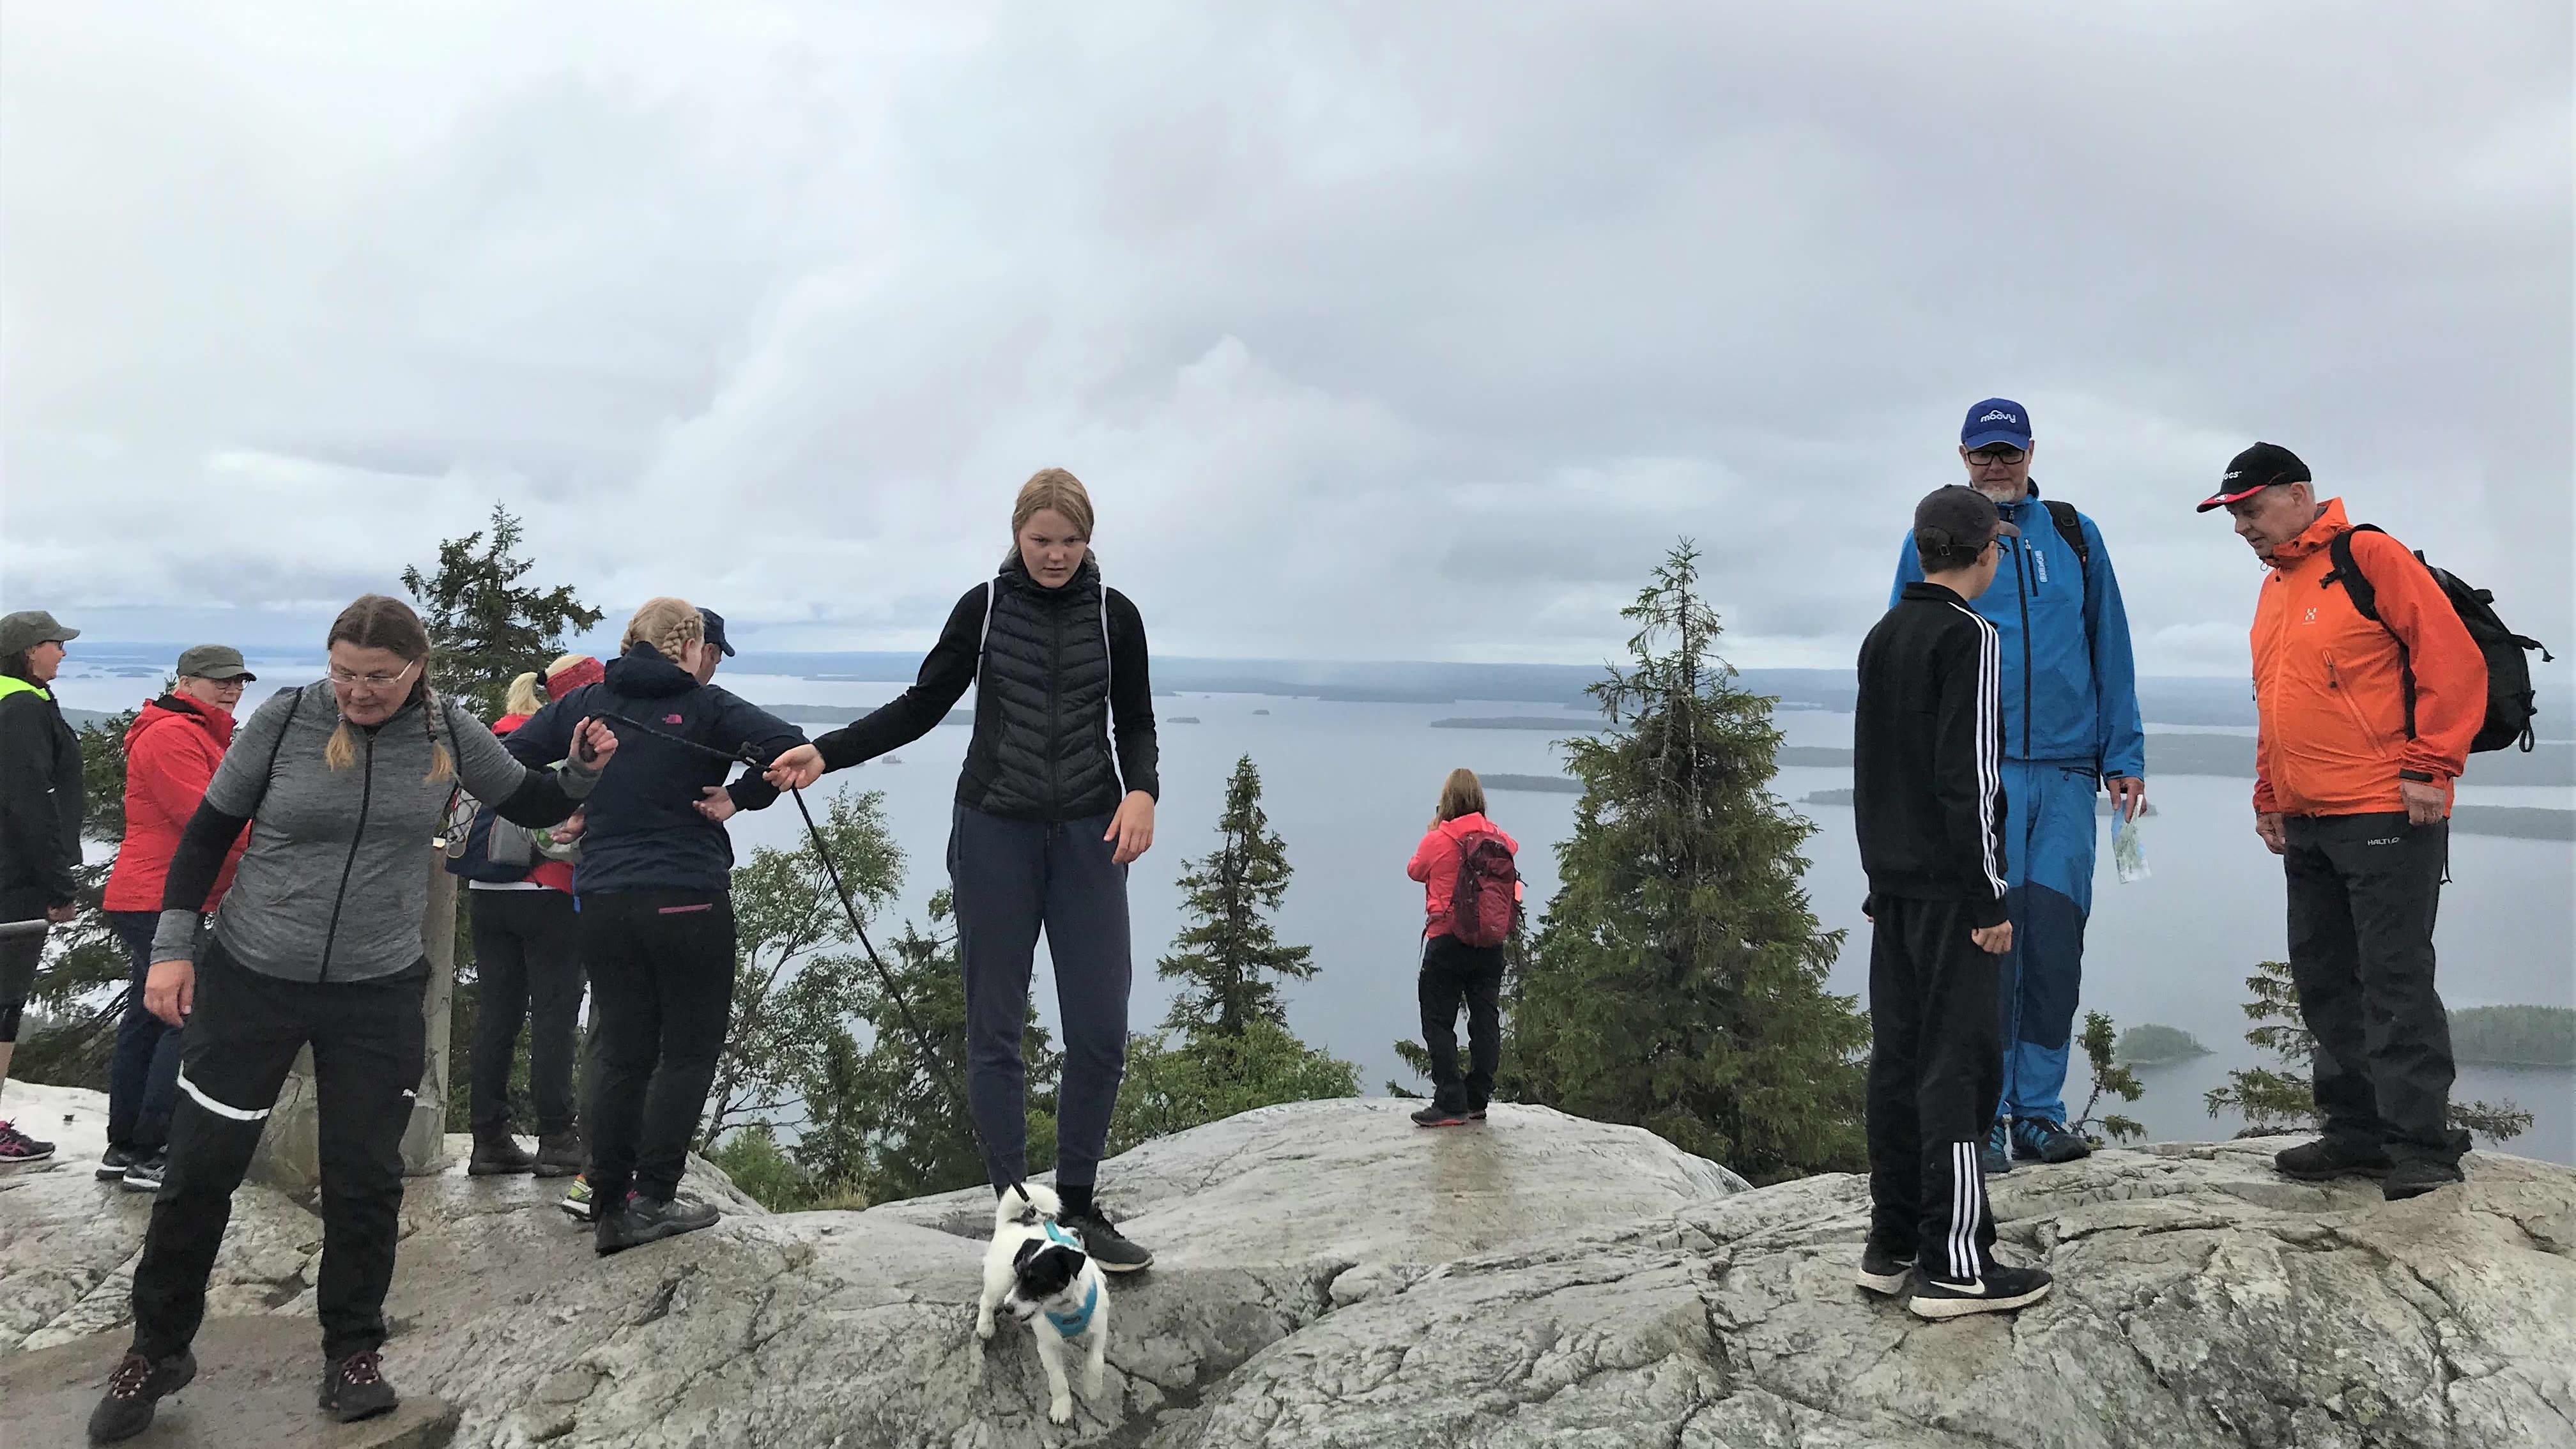 Lomailijat käyvät Ukko-Kolin huipulla ihastelemassa maisemia ja ottamassa valokuvia.